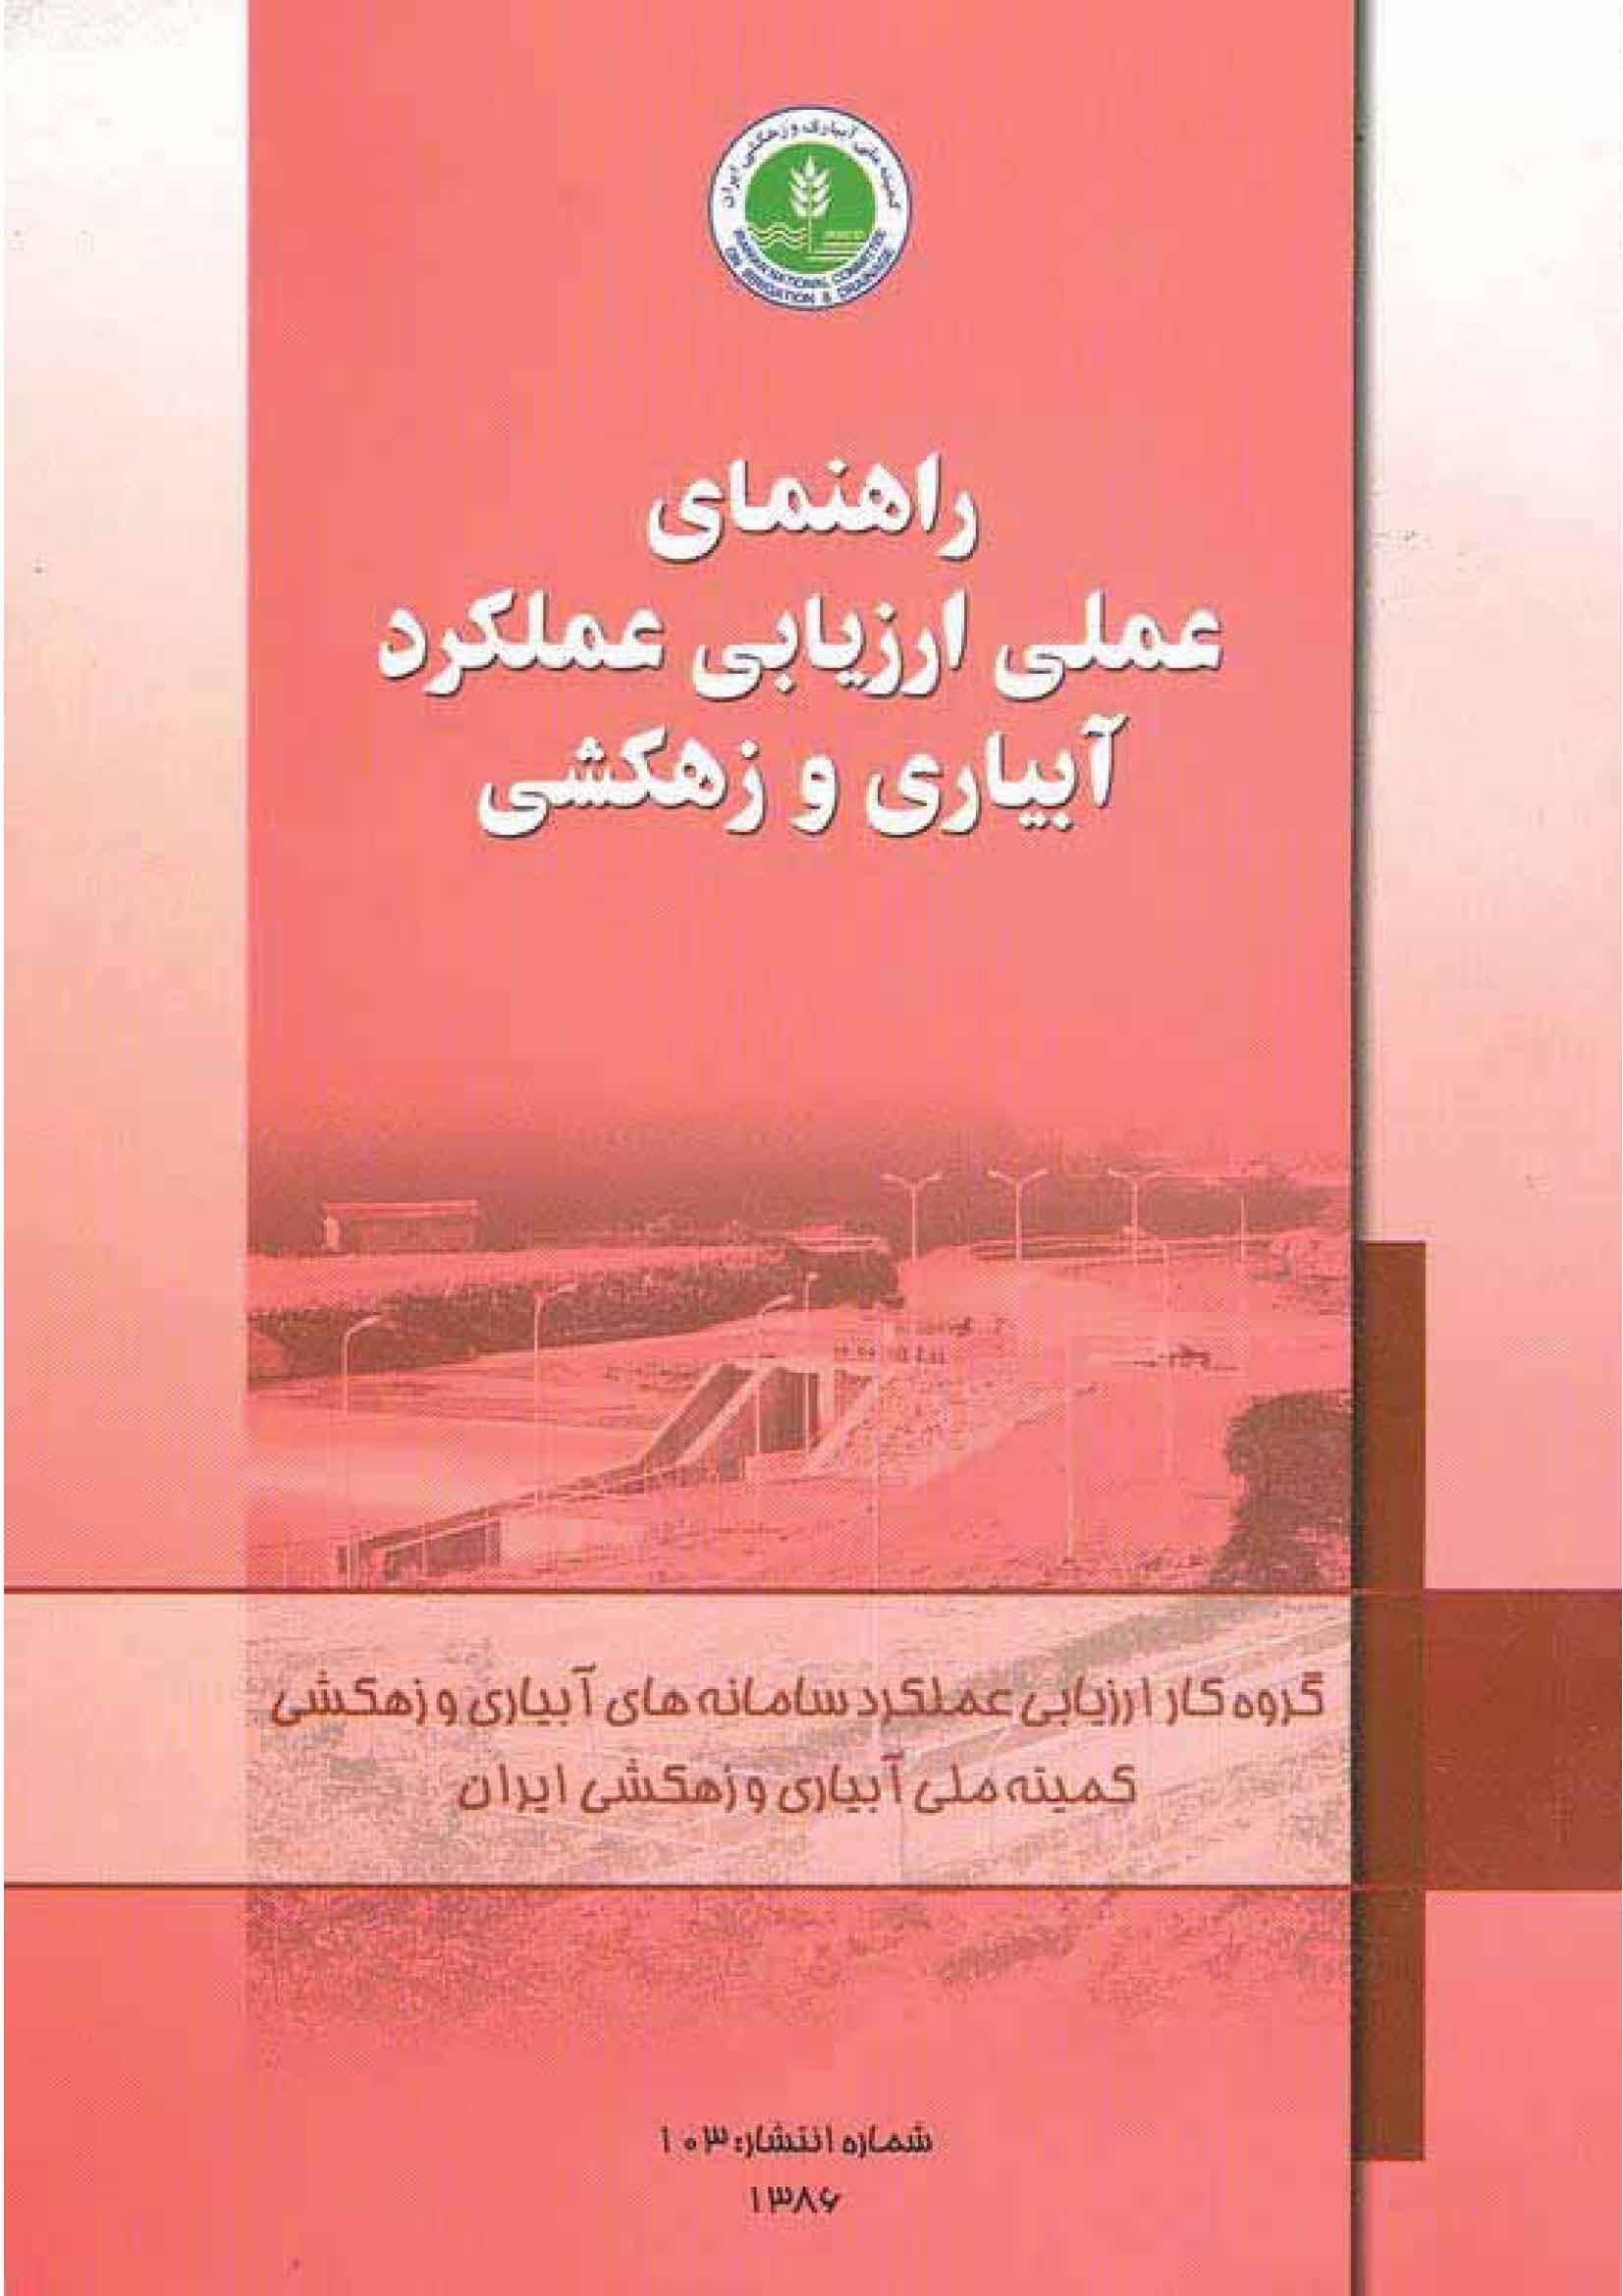 دانلود کتاب راهنمای عملی ارزیابی عملکرد آبیاری و زهکشی